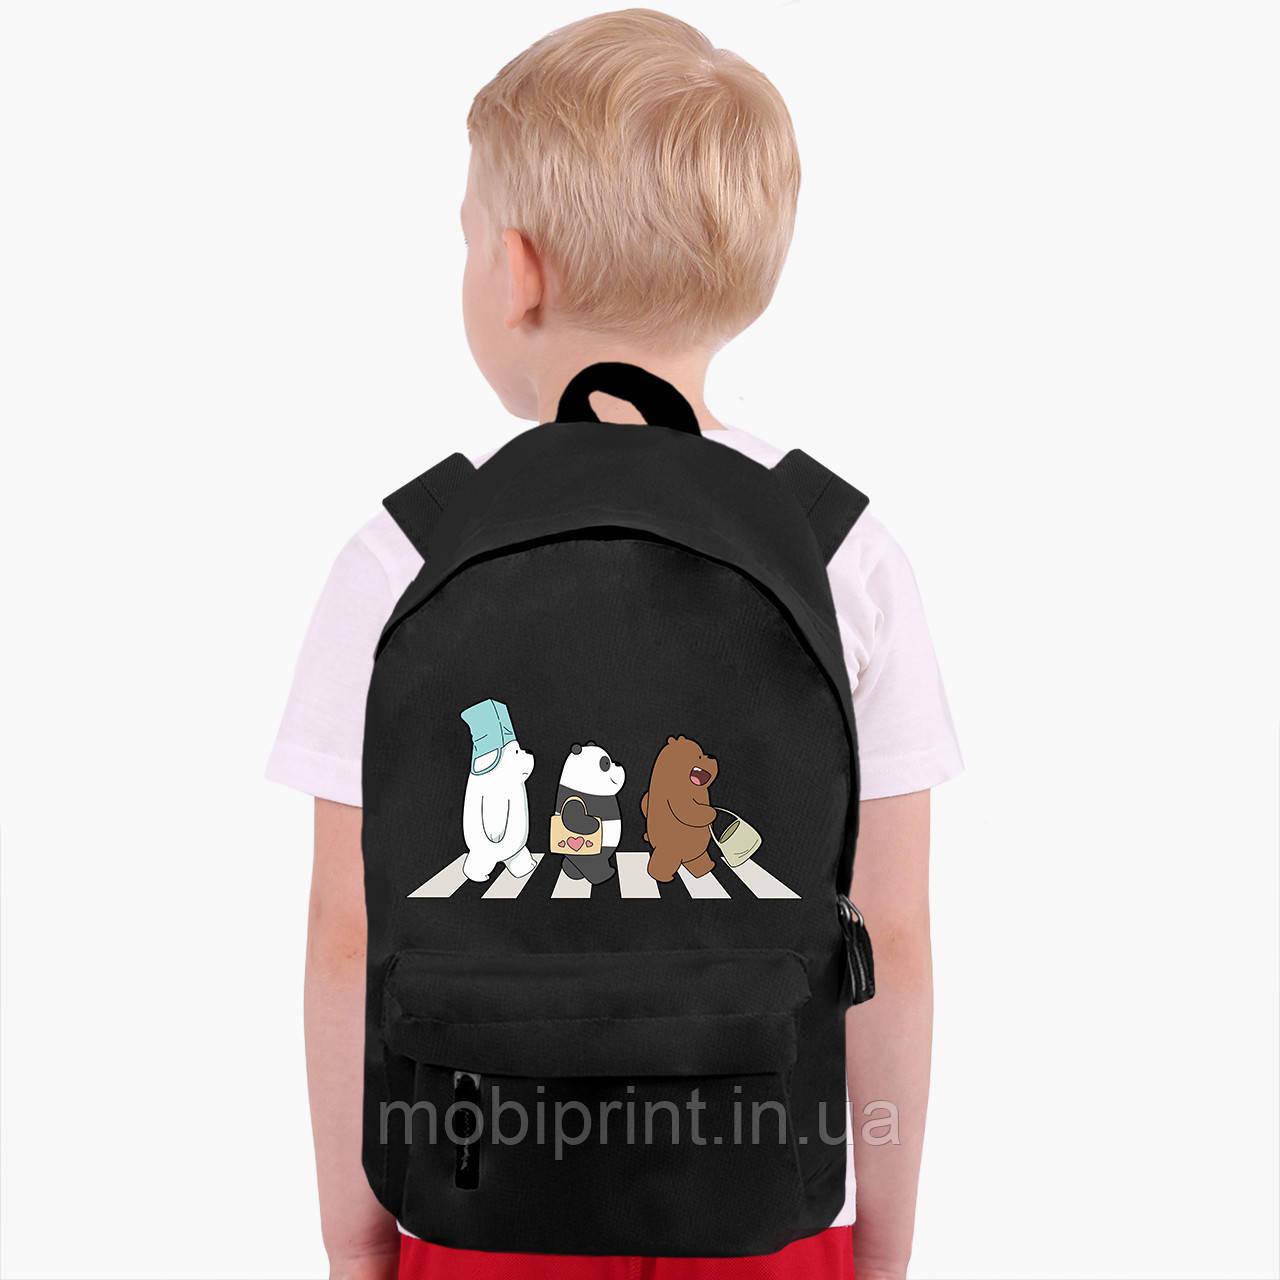 Детский рюкзак Вся правда о медведях (We Bare Bears) (9263-2666)